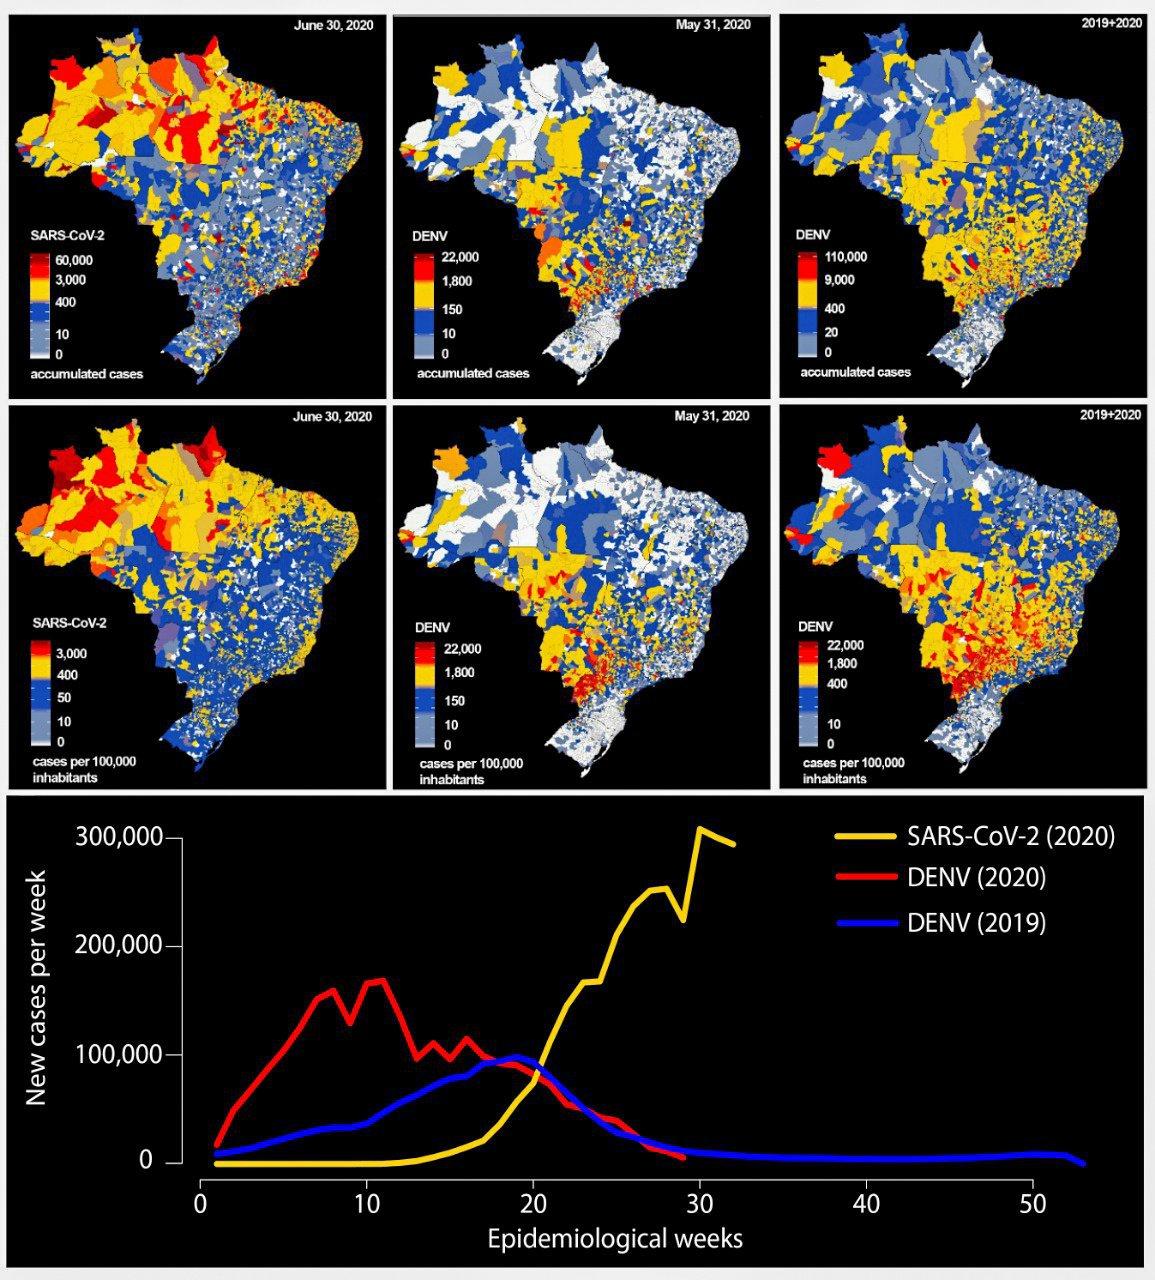 Comparação entre distribuição geográfica de casos de Covid-19 e sua incidência até 30 de junho de 2020 e de casos de dengue e incidência no Brasil até 31 de maio de 2020; e soma de todos os casos de dengue e incidência de 2019 até 31 de maio de 2020